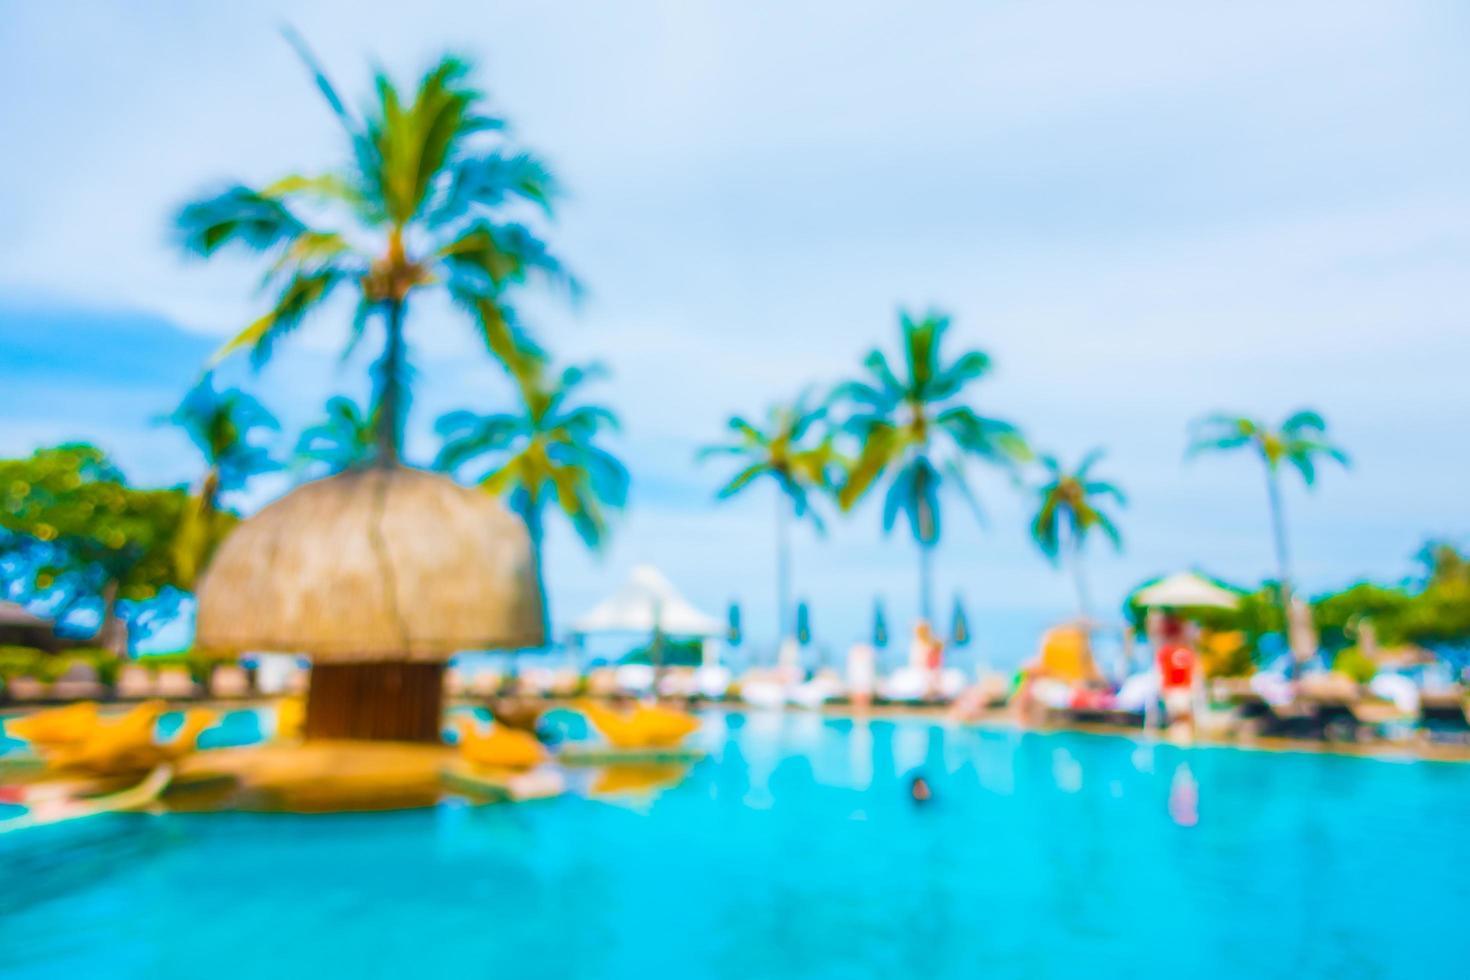 abstrait flou cocotier autour de la piscine photo